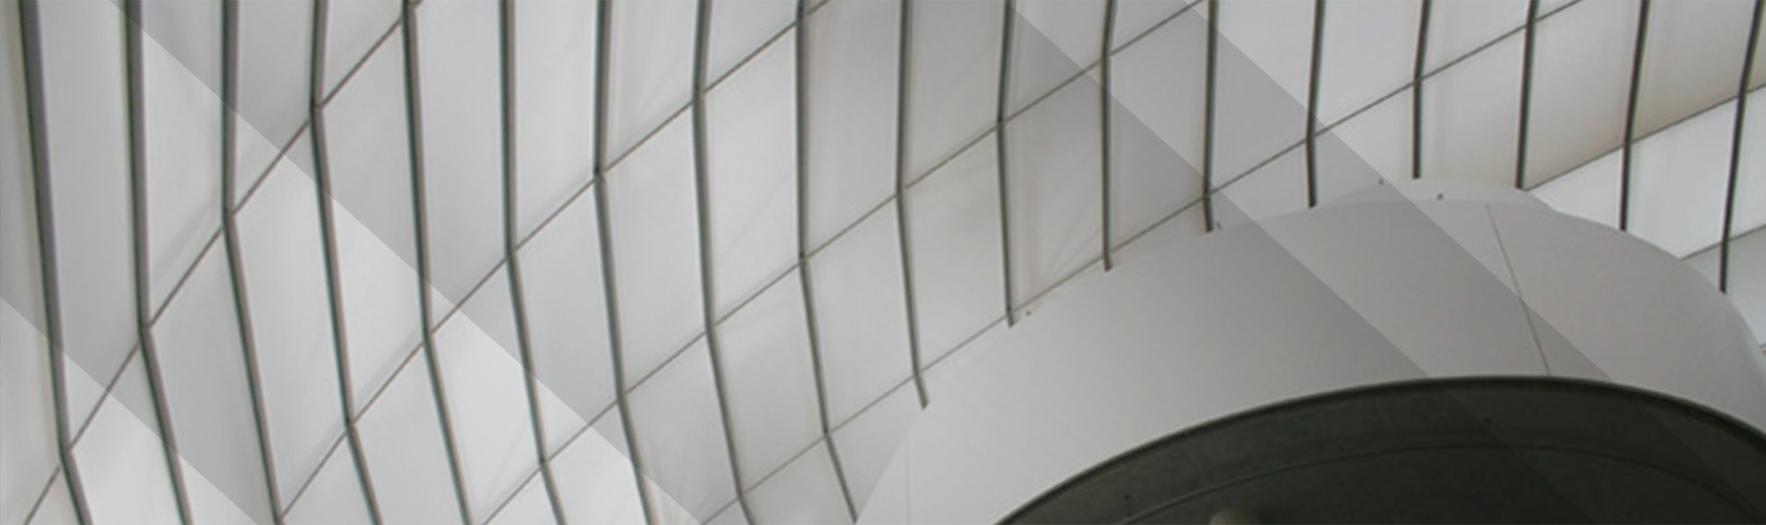 Stottrop-Textil Slider Image https://www.stottrop-textil.de/wp-content/uploads/2016/02/slide01.jpg